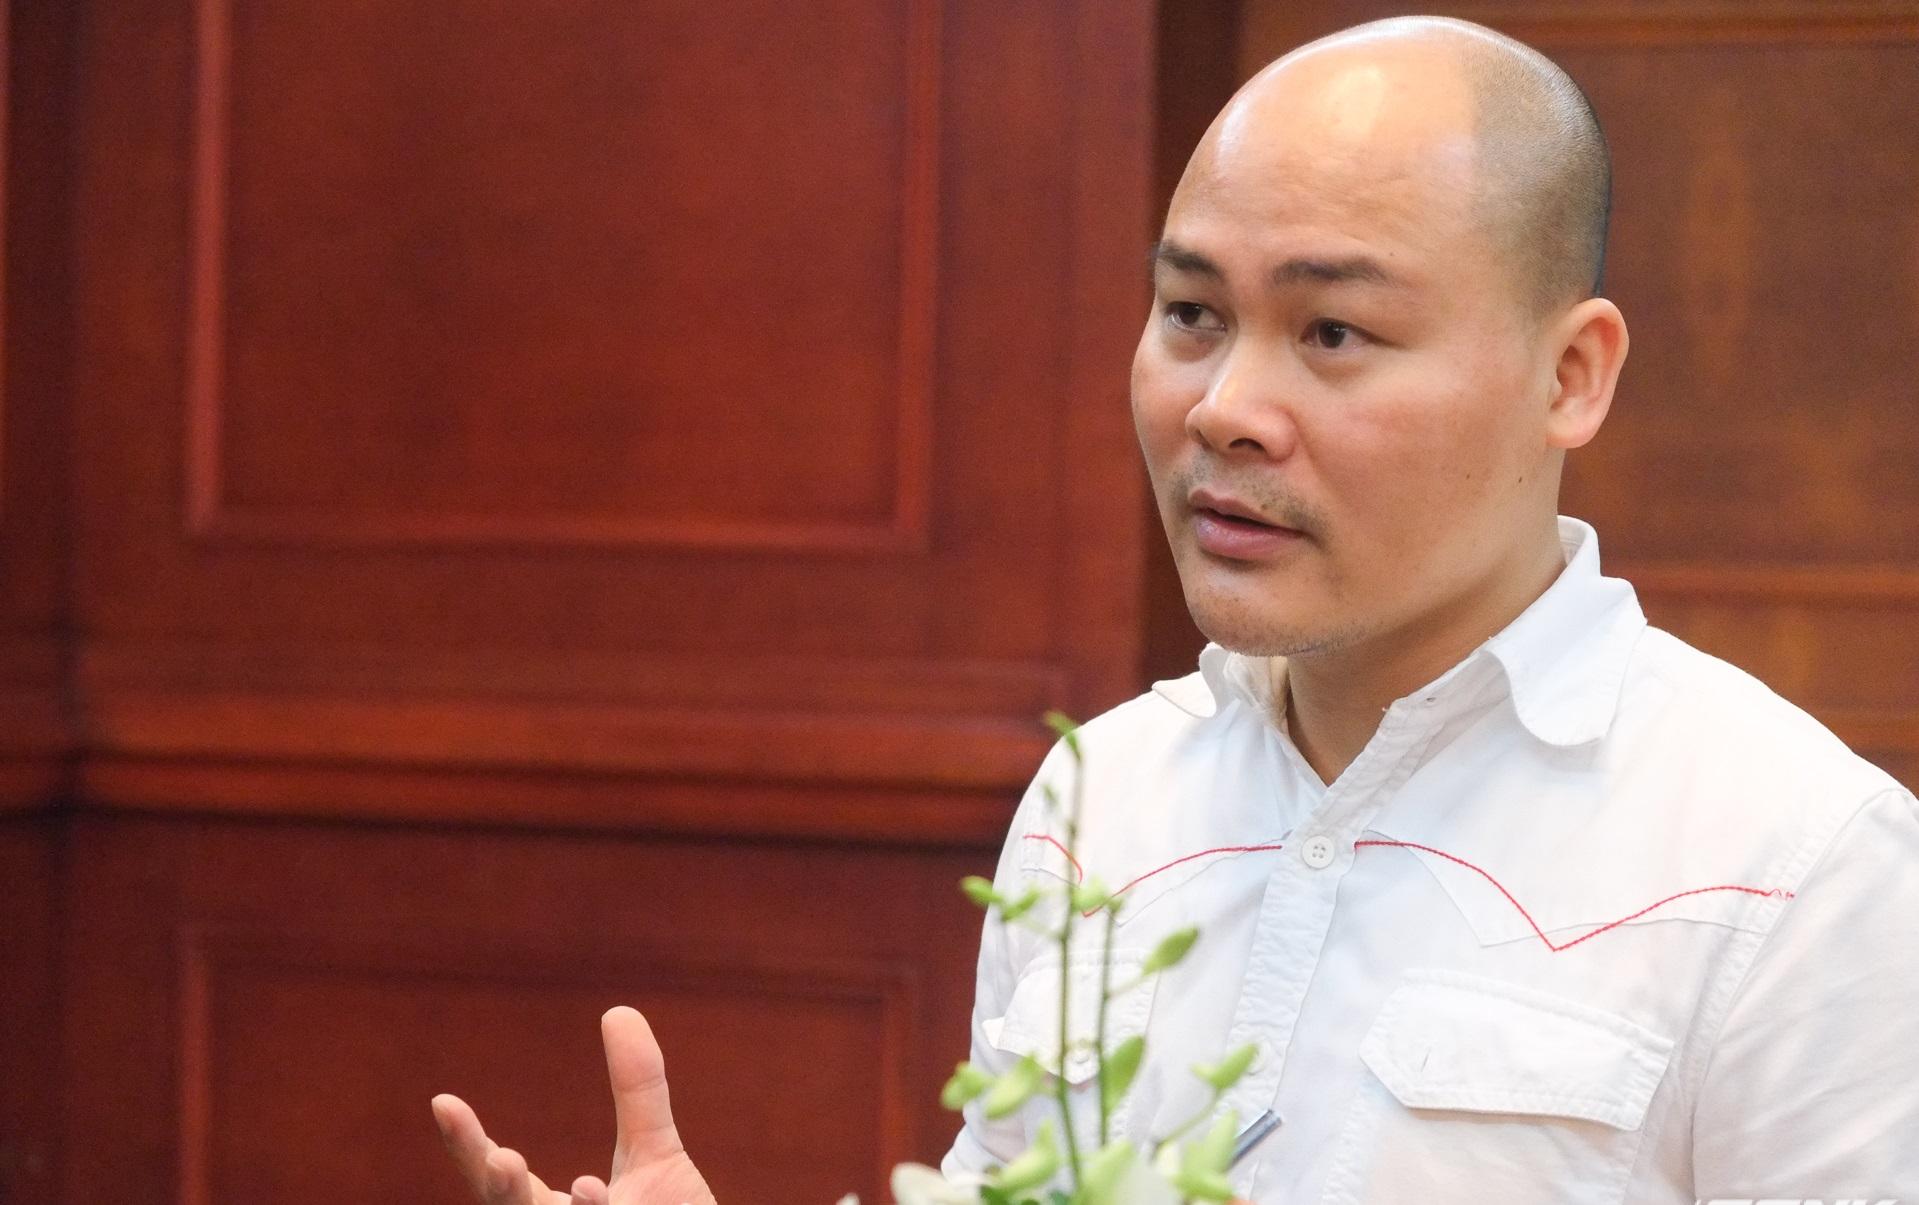 CEO Bkav nói về sách tiếng Việt lớp 1: 'Nội dung gây bão mấy ngày qua chỉ là một phần của câu chuyện' - Ảnh 2.